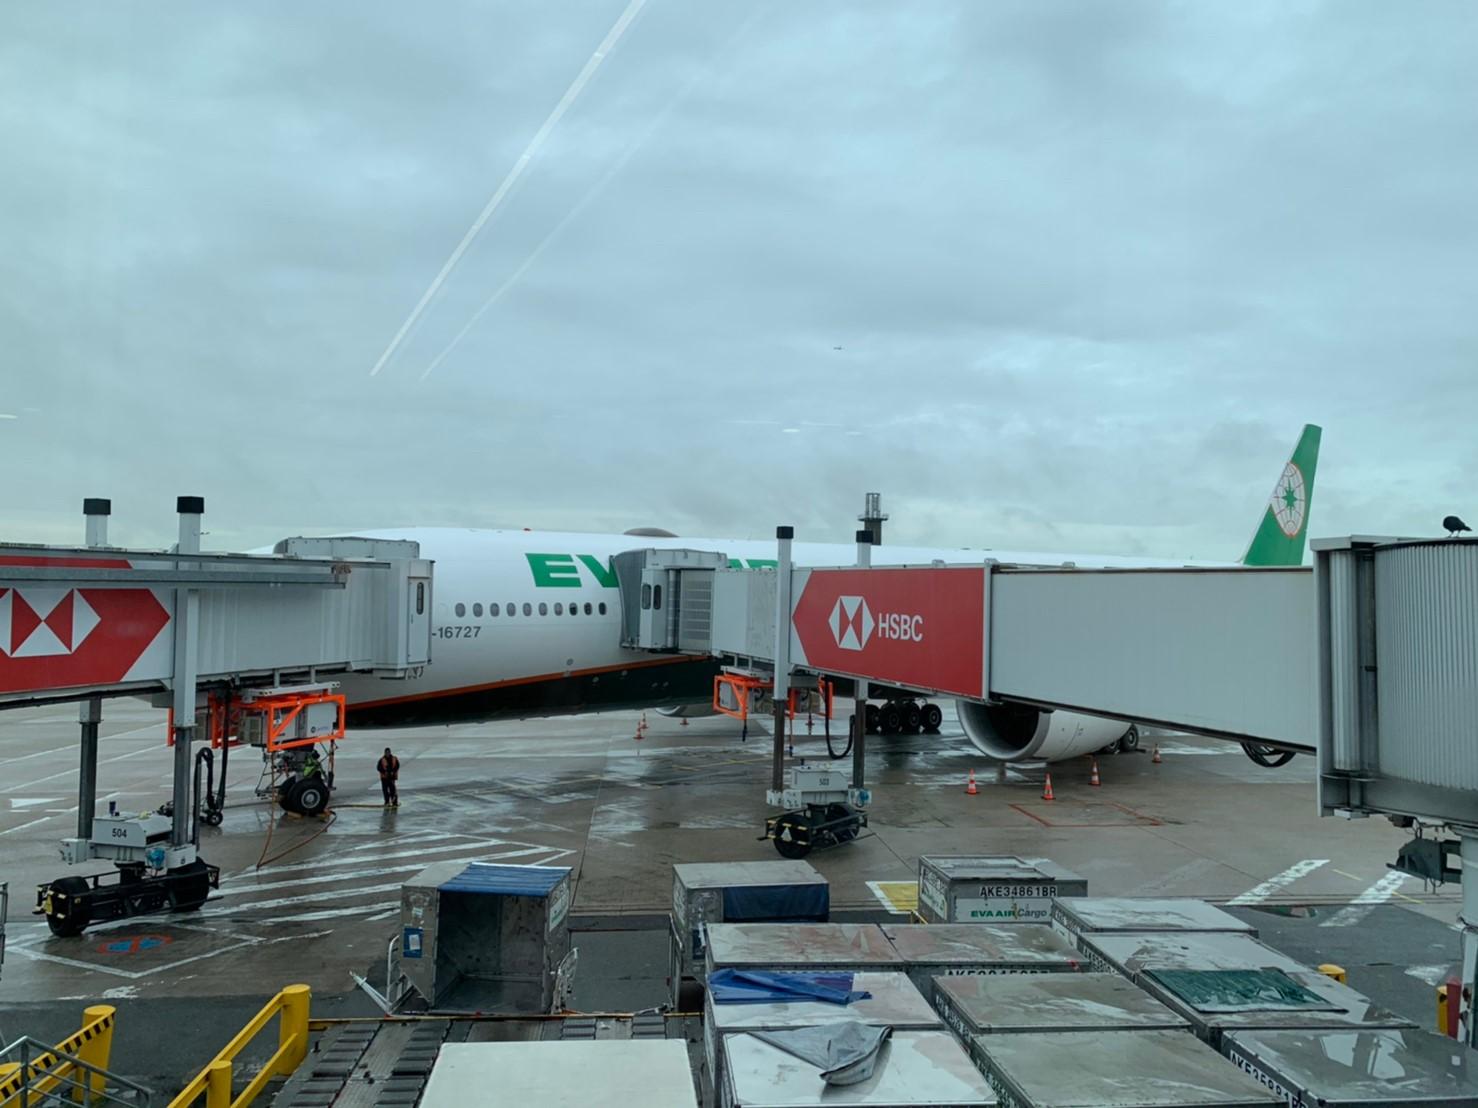 即時熱門文章:長榮航空直飛巴黎|777-300ER,給你直飛舒適的超值享受體驗